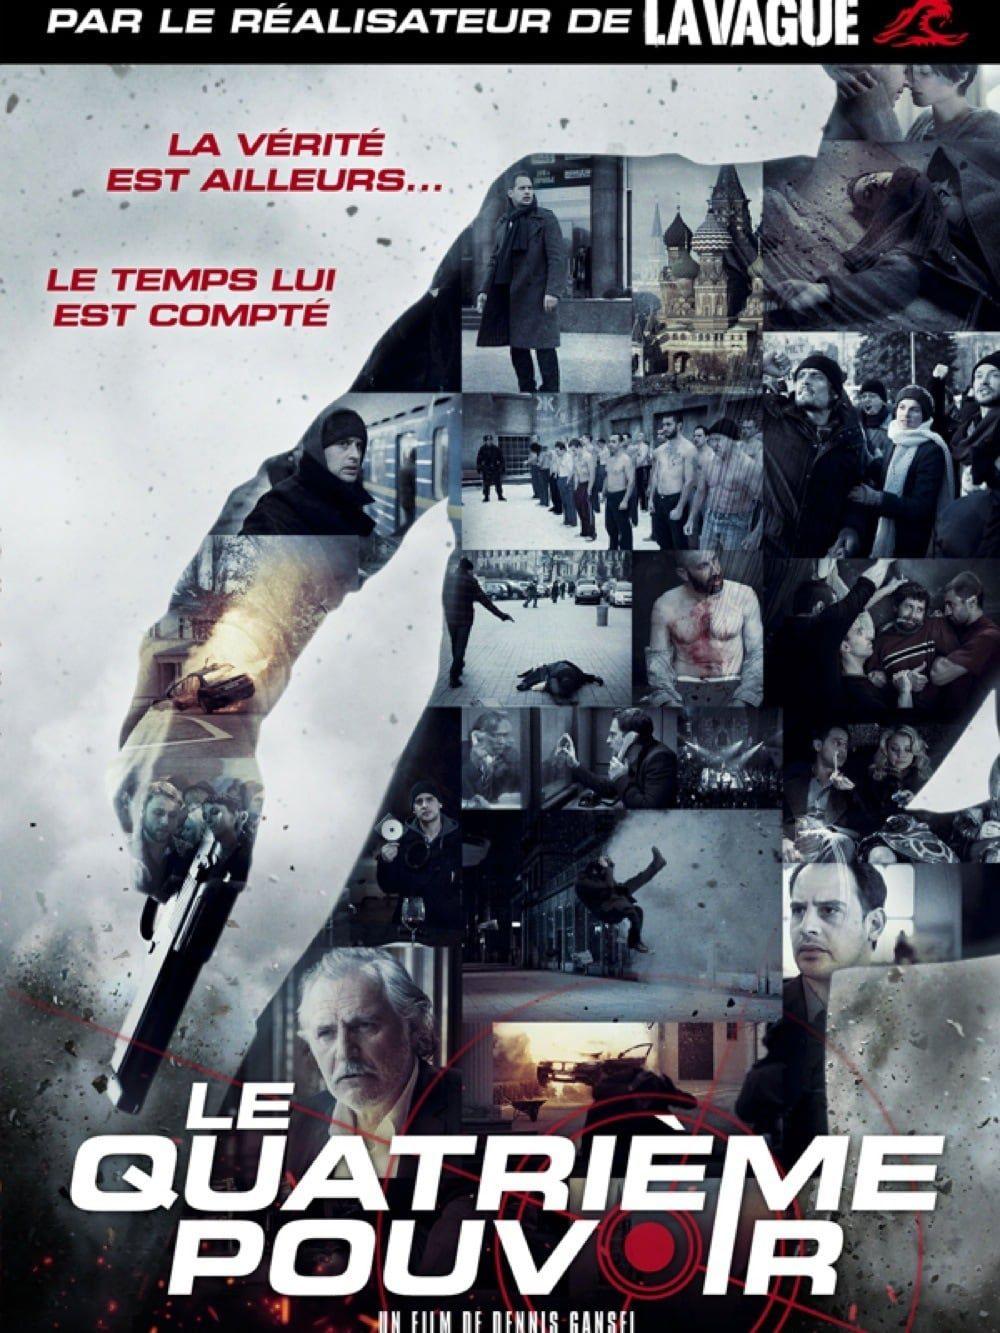 Le Quatrième Pouvoir - Film (2013)